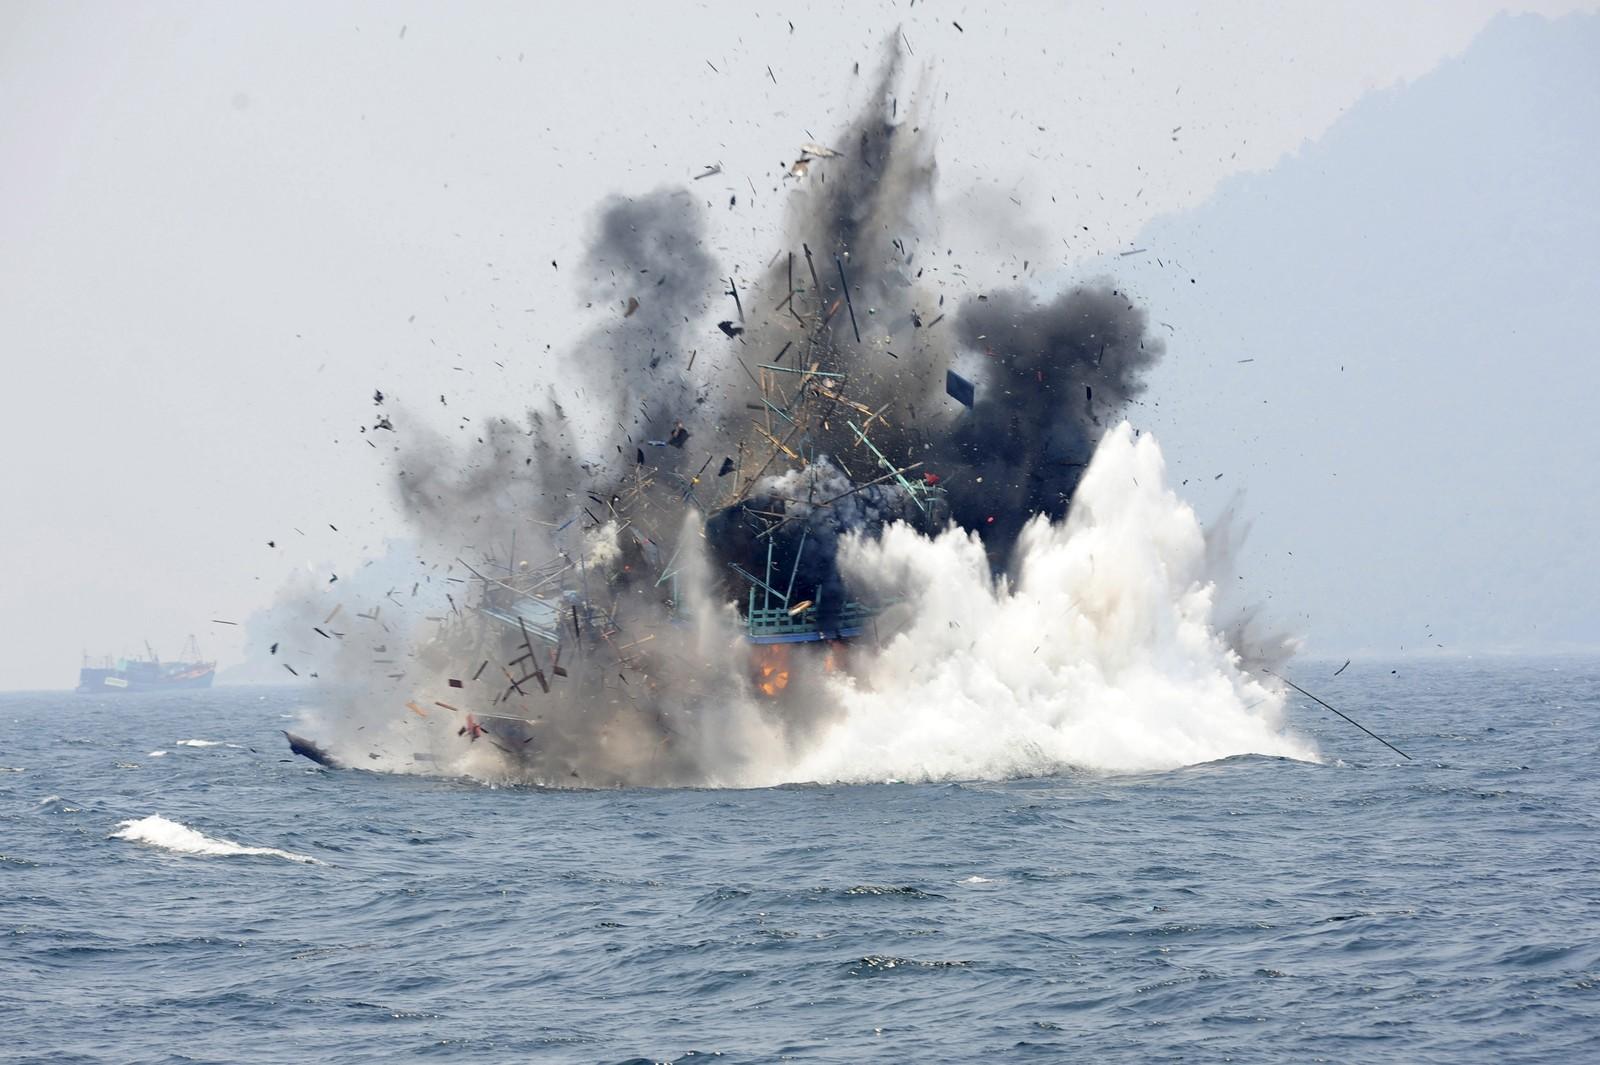 Indonesia viser hva de mener om ulovlig fisking ved å sprenge en utenlandsk fiskebåt. Dette var en av 38 fiskebåter som ble eliminert etter å ha fisket ulovlig i indonesisk territorium.